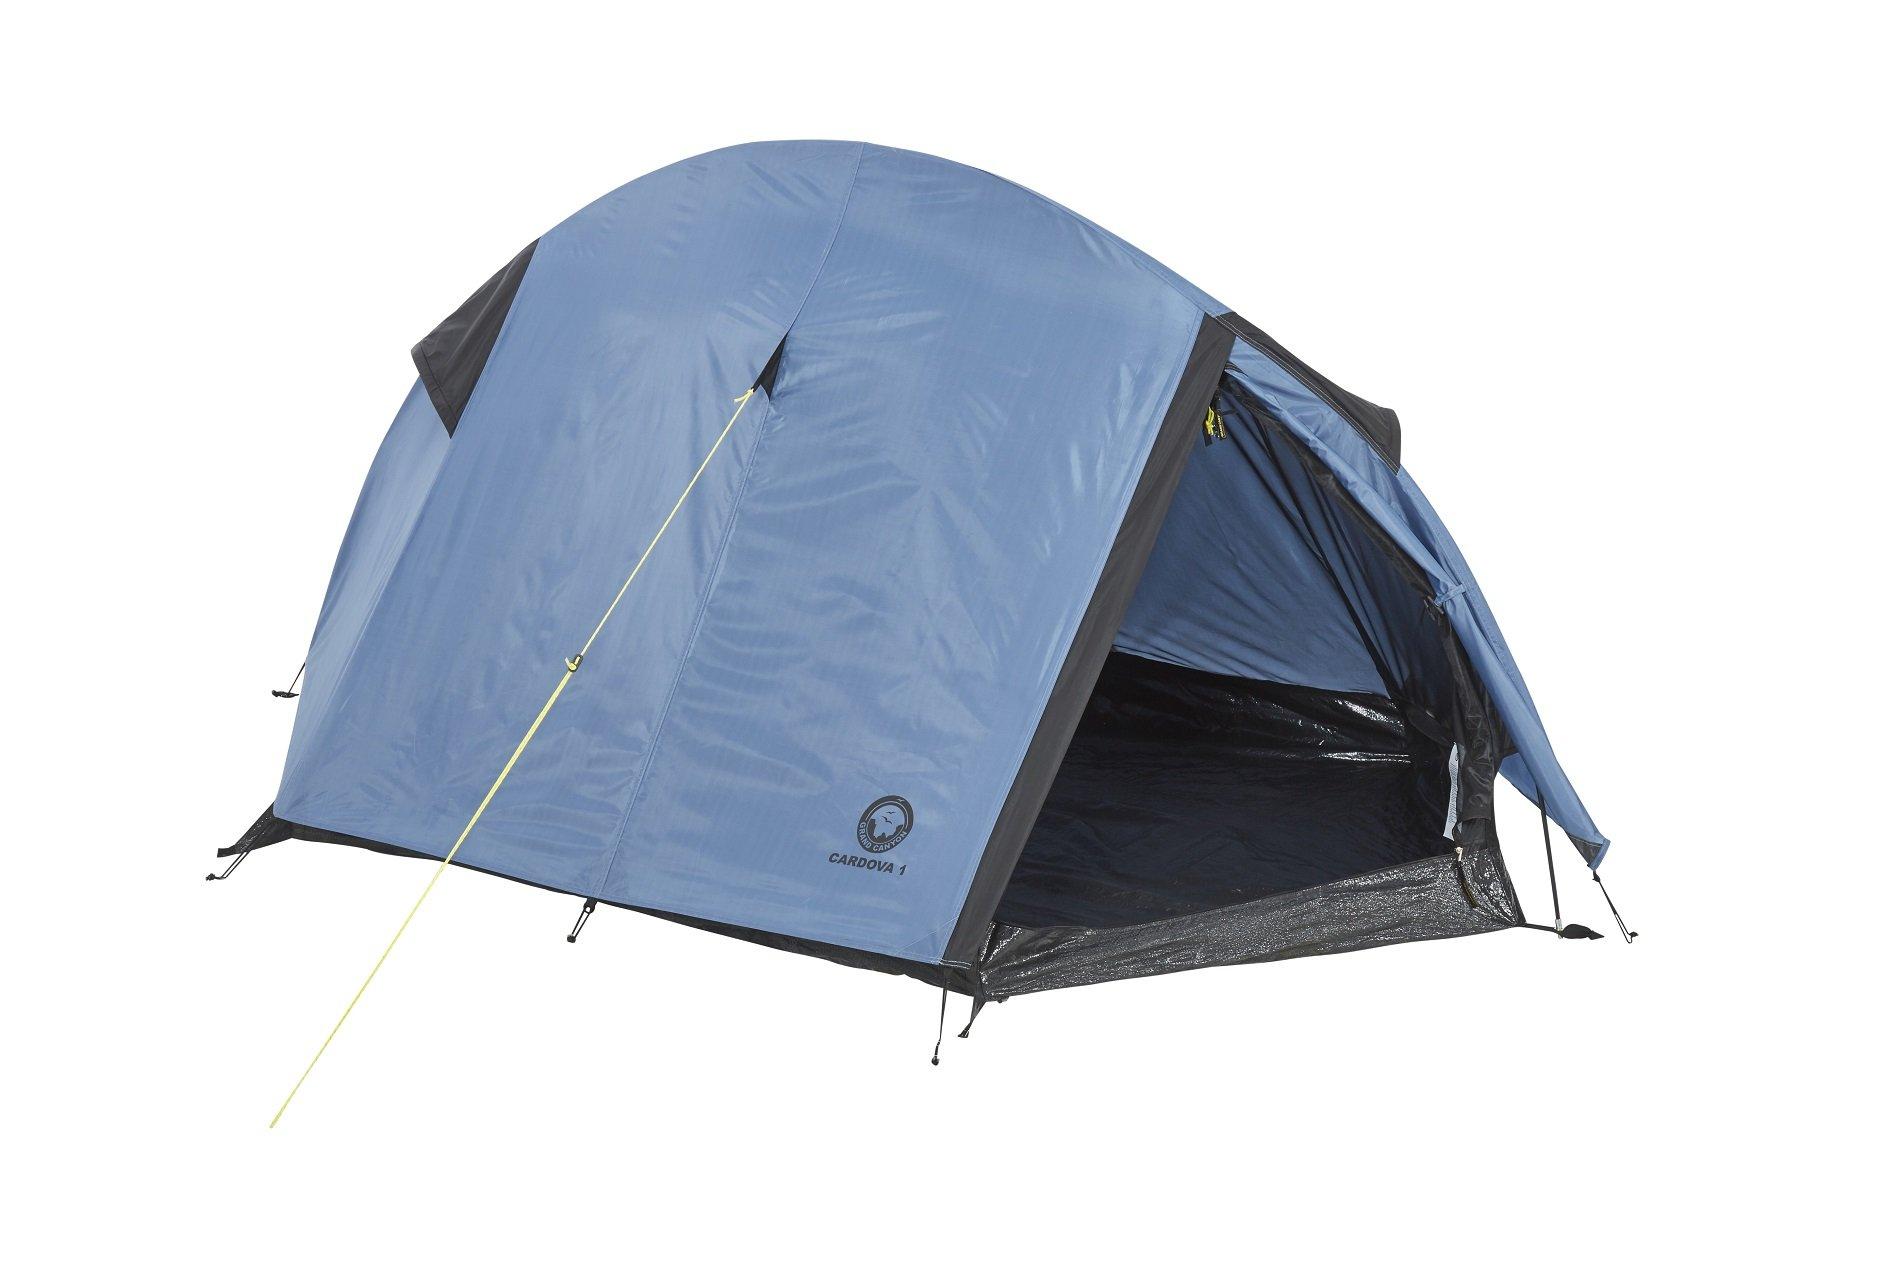 444a3f45d37 Grand Canyon Cardova tienda 1-2 personas para cilcloturismo o trekking